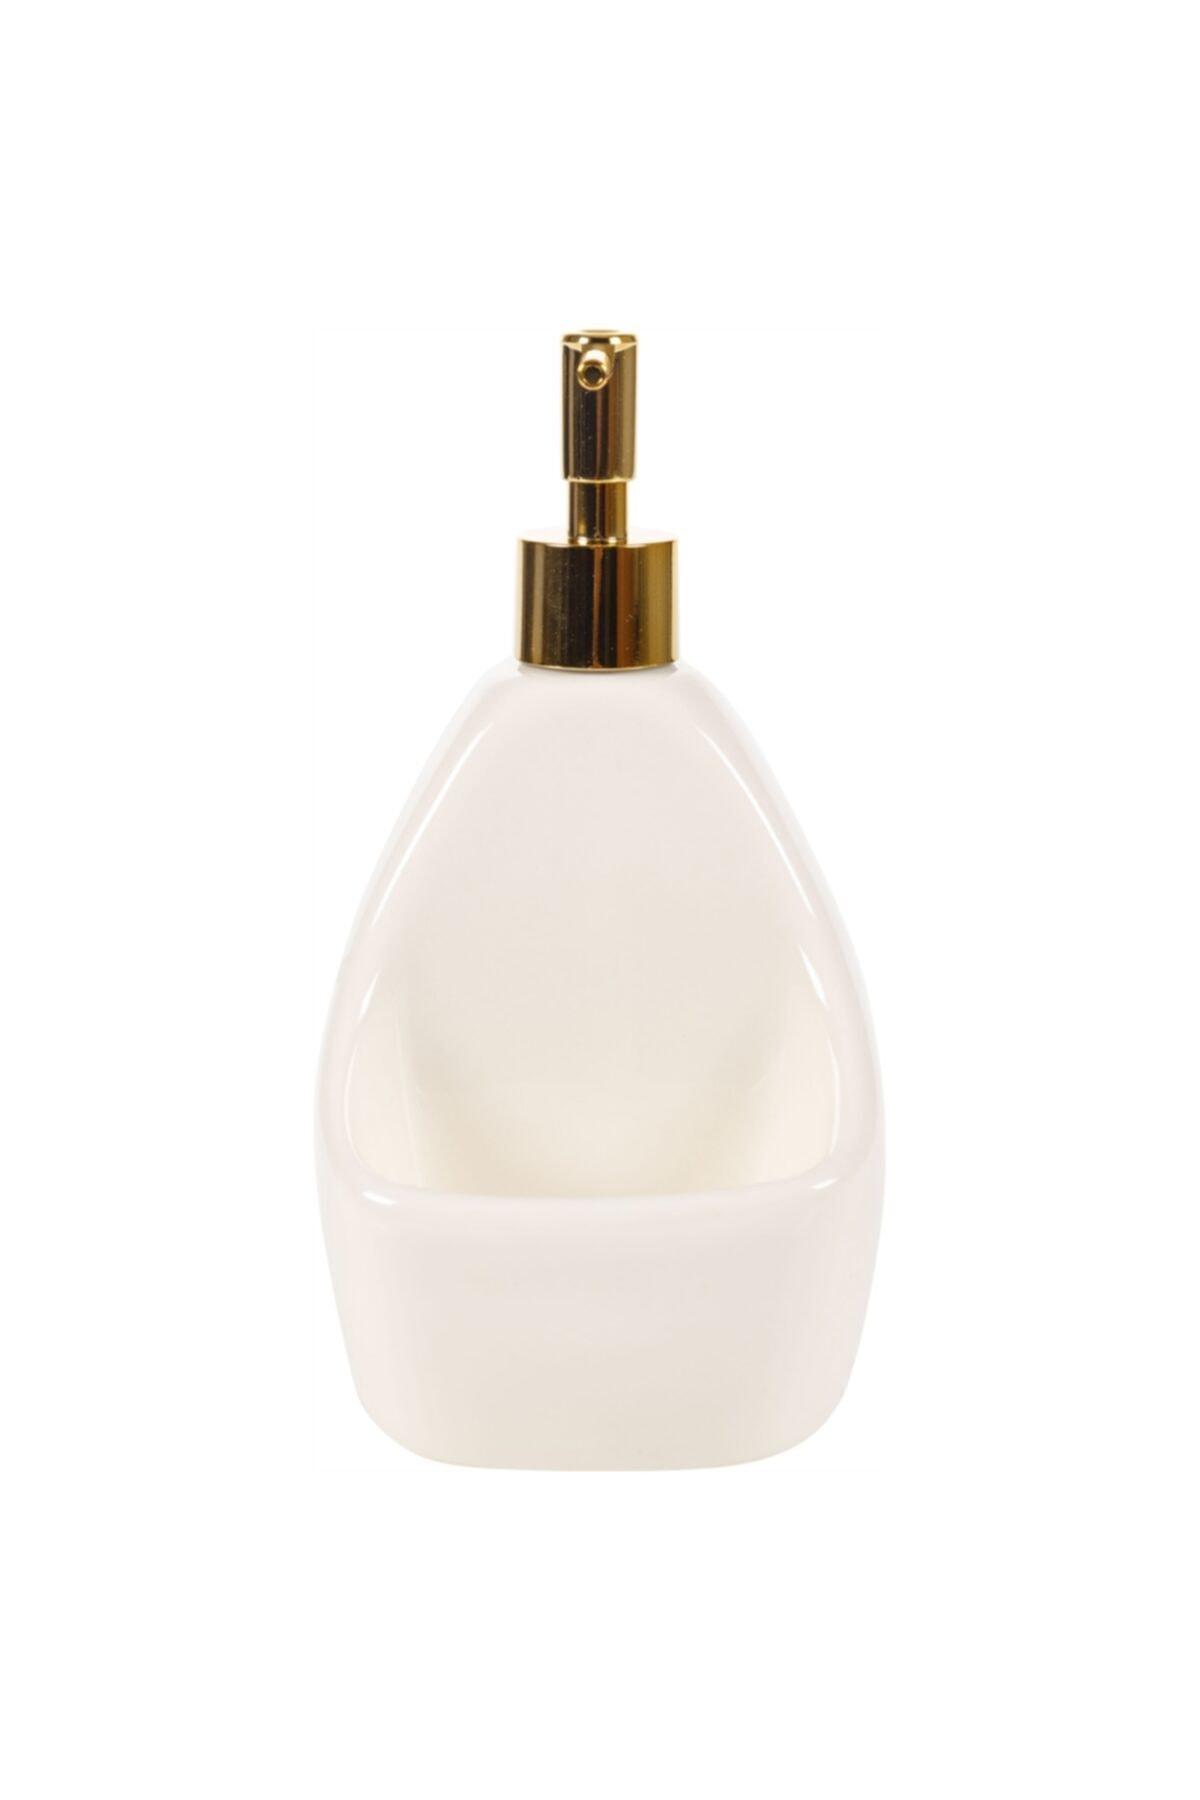 Glory Hazneli Sıvı Sabunluk - Beyaz